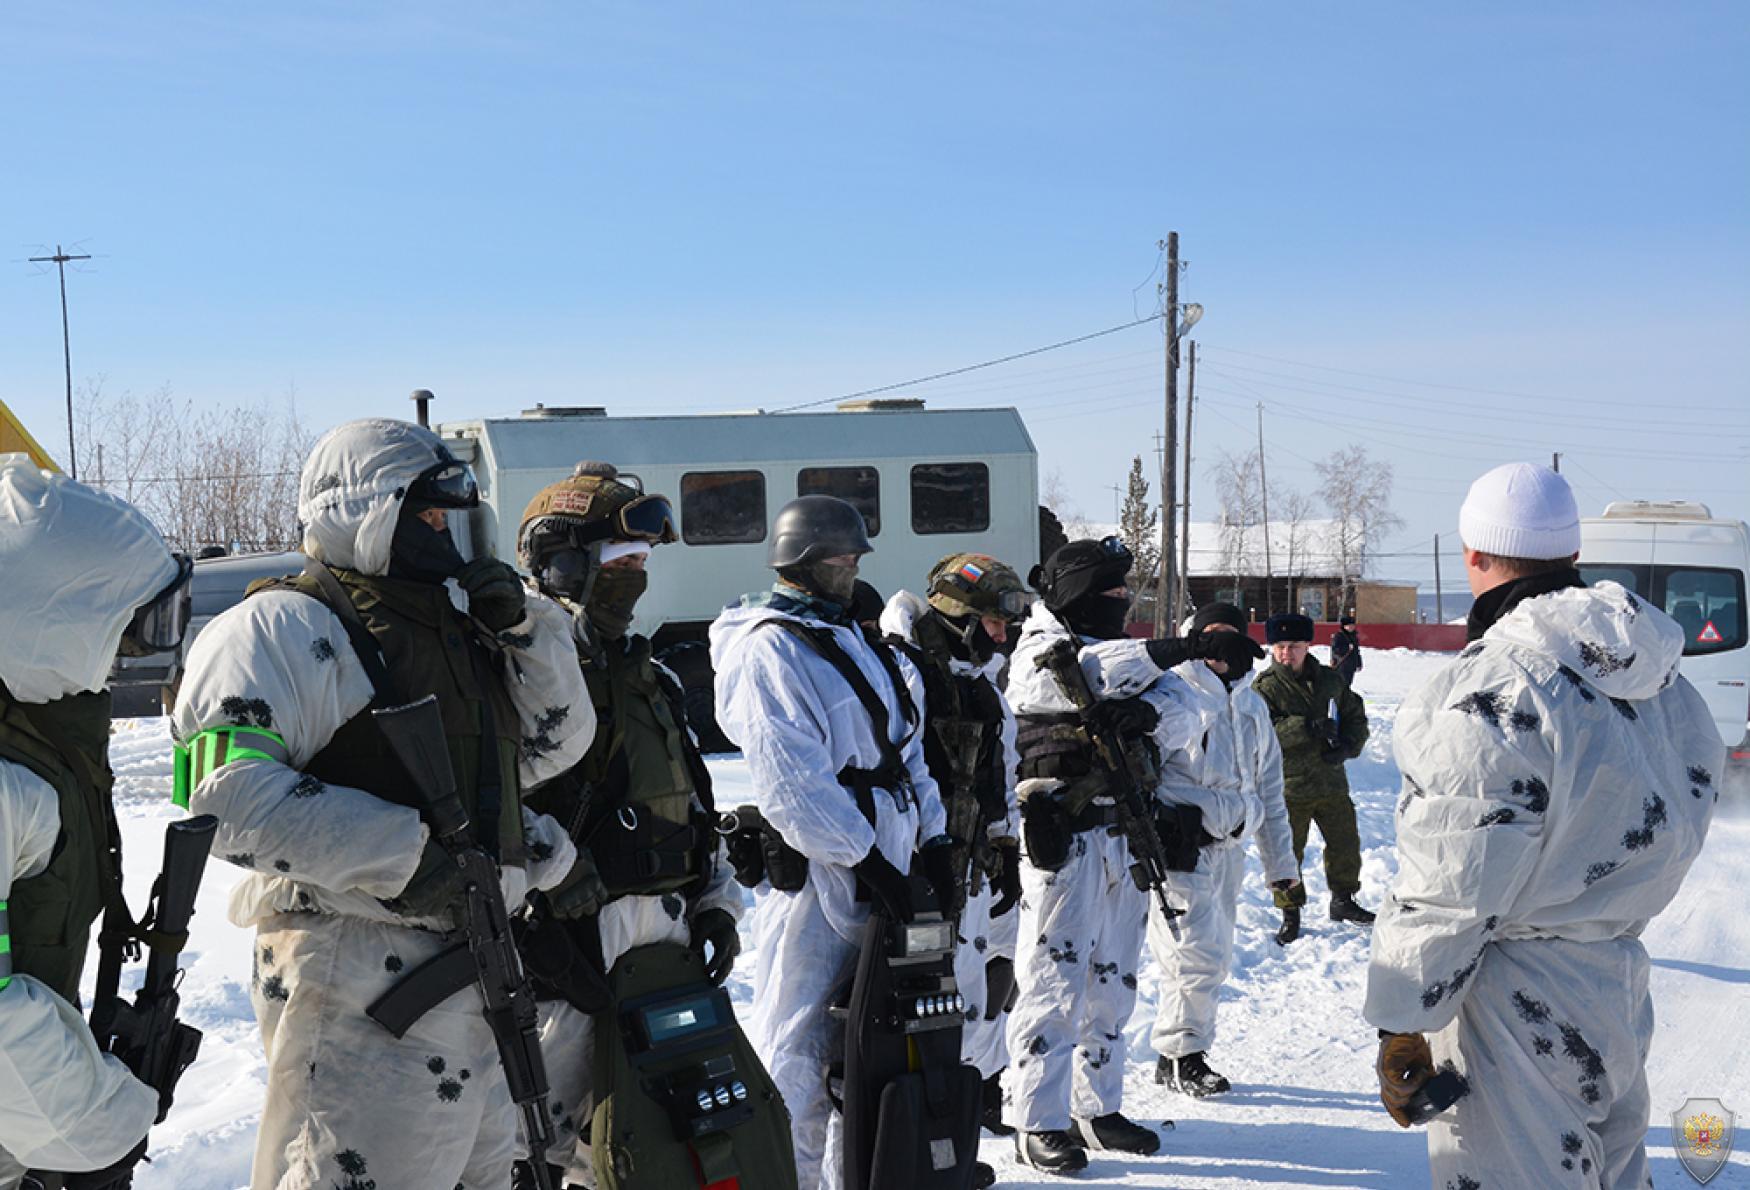 Сотрудники оперативно-боевого подразделения получают указания руководителя группы по действиям при штурме.